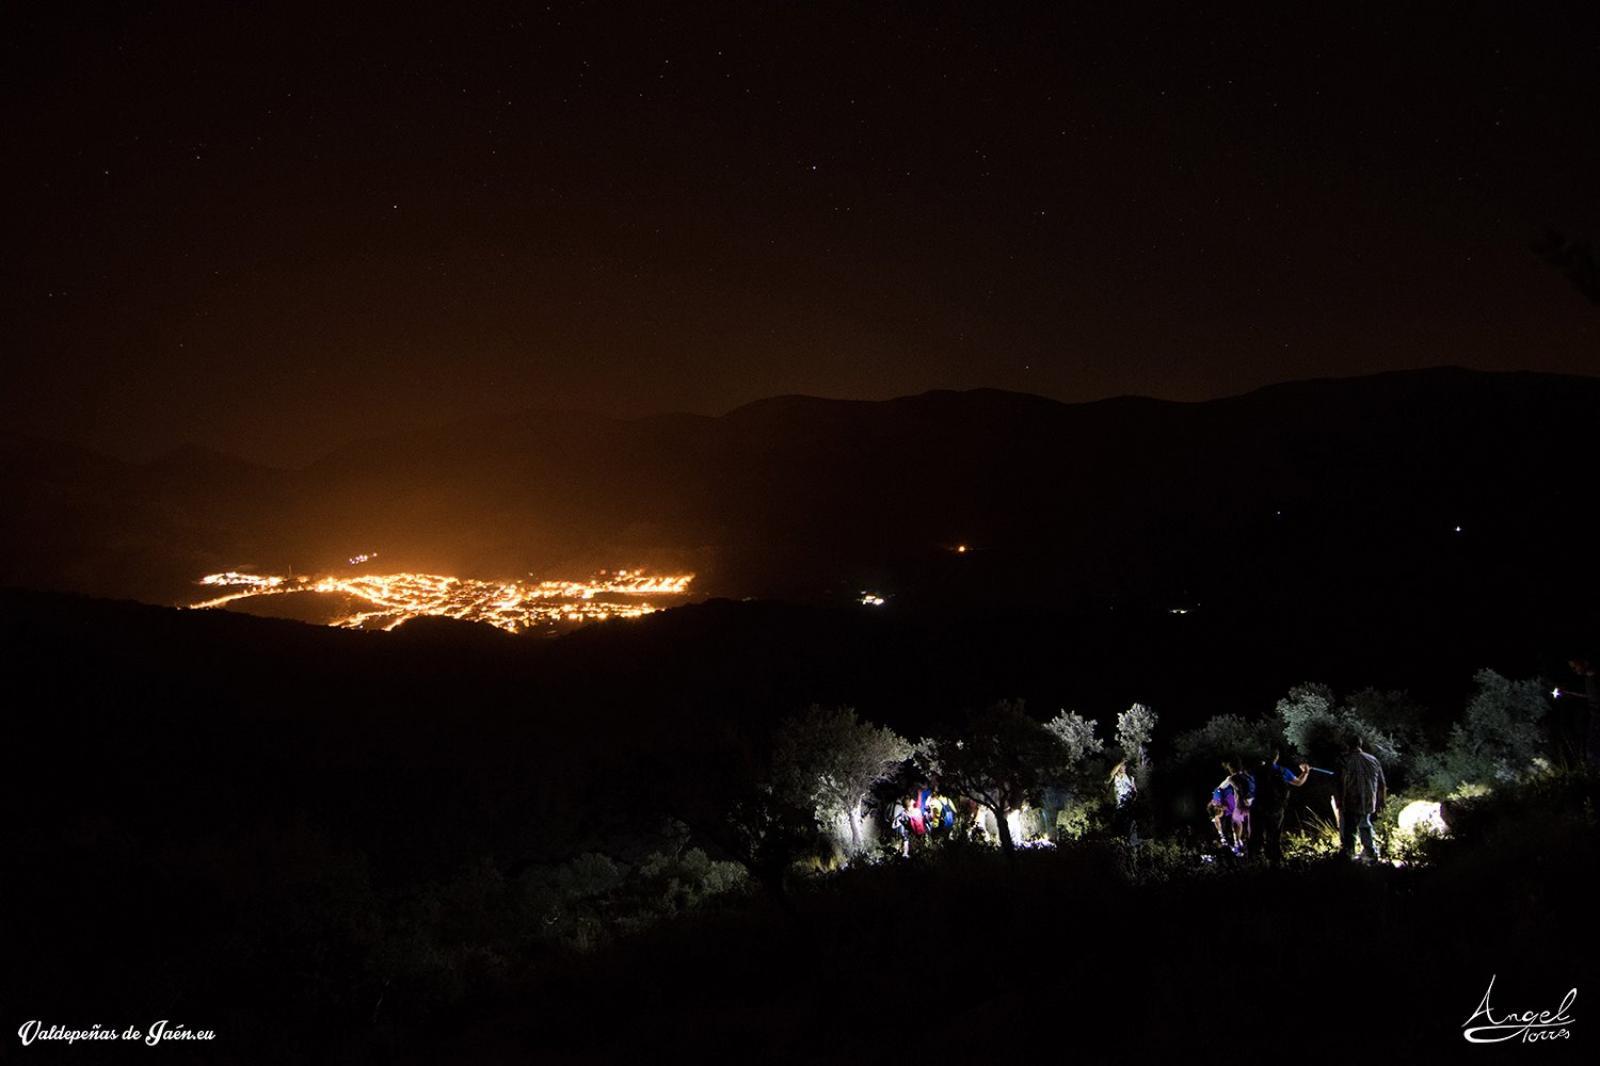 Jornadas de promoción del Astroturismo el próximo viernes en Valdepeñas de Jaén